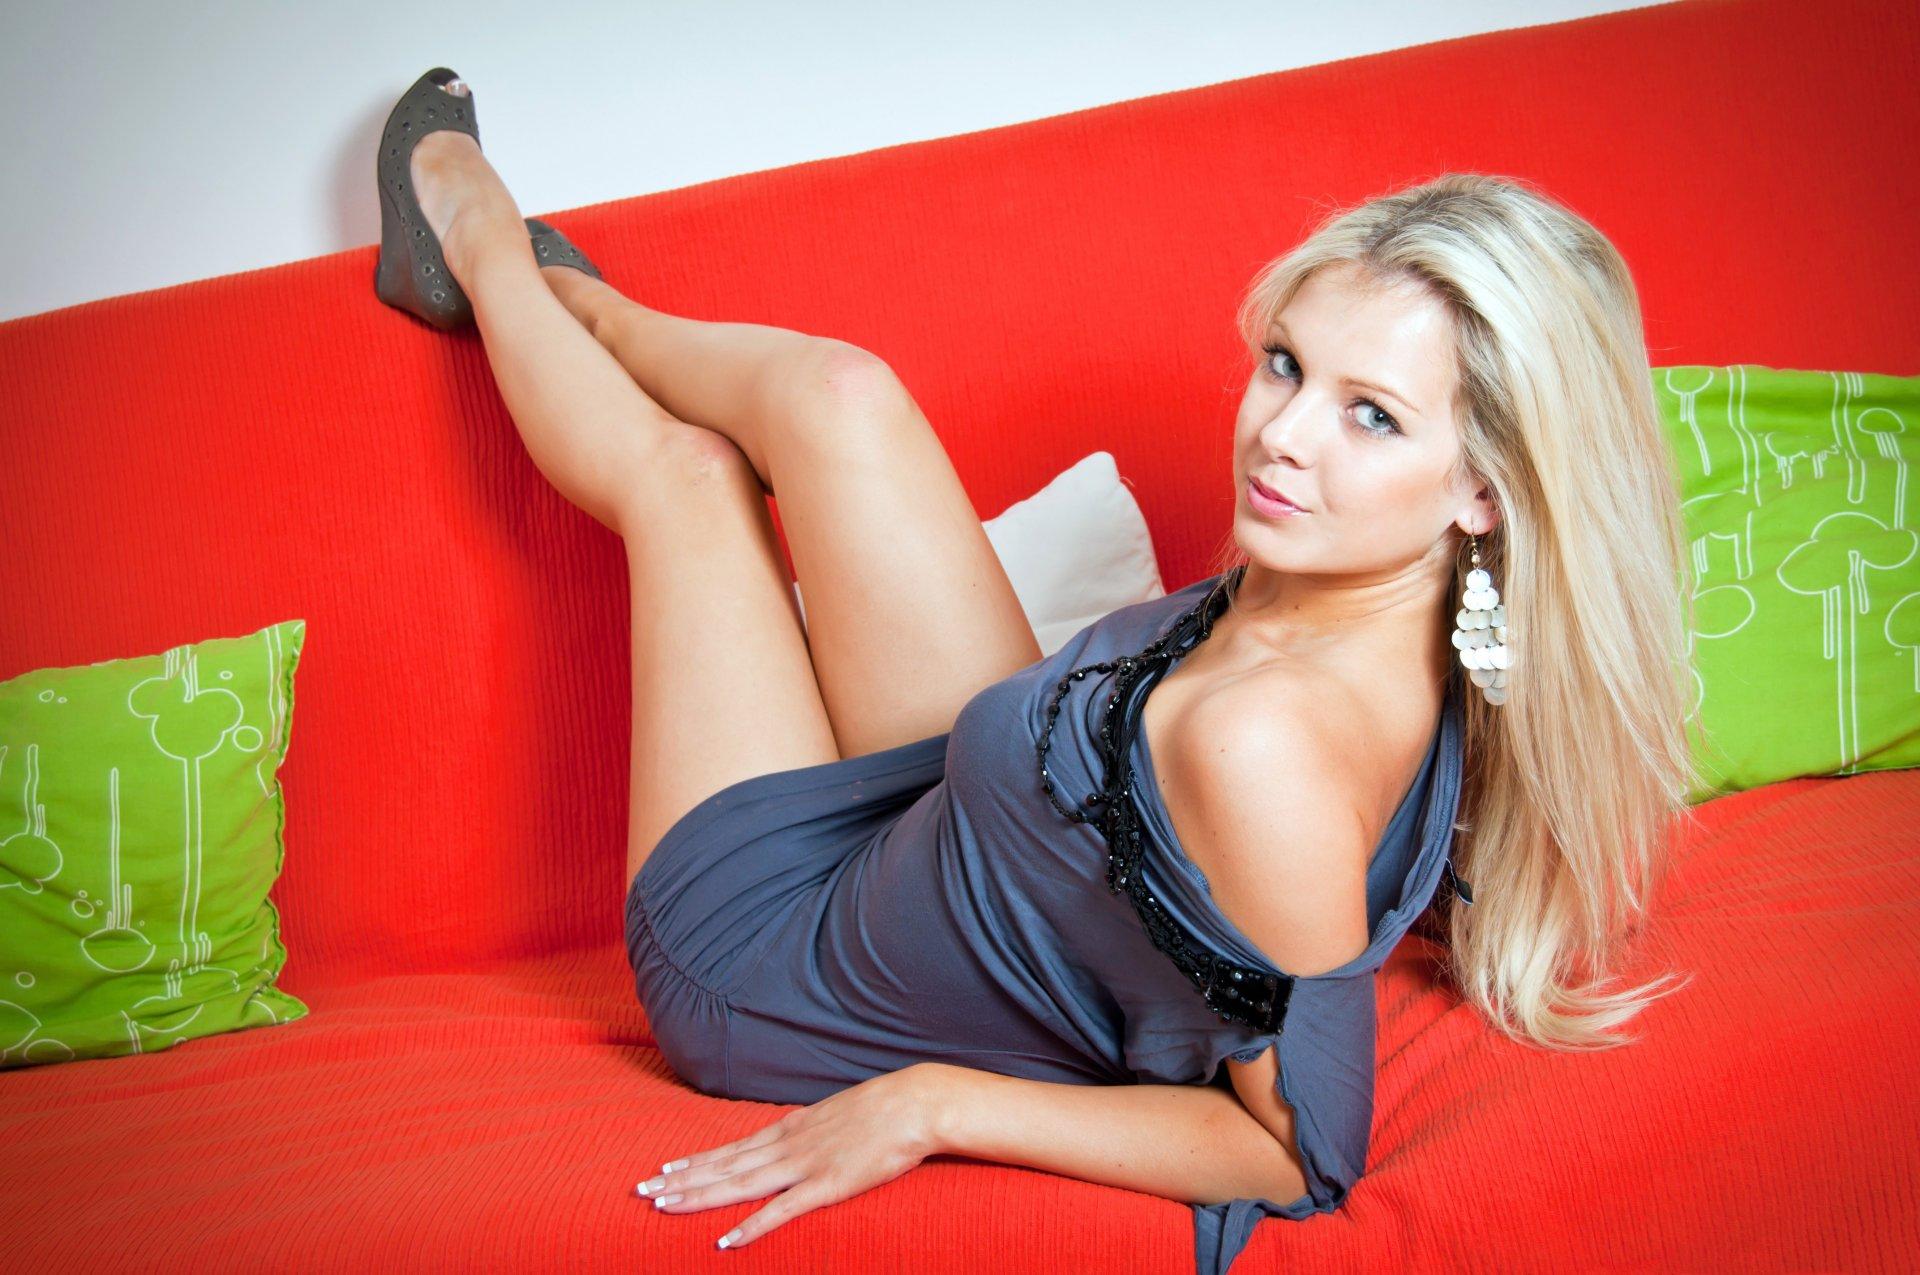 блондинка с красивыми ножками ограничивай себя